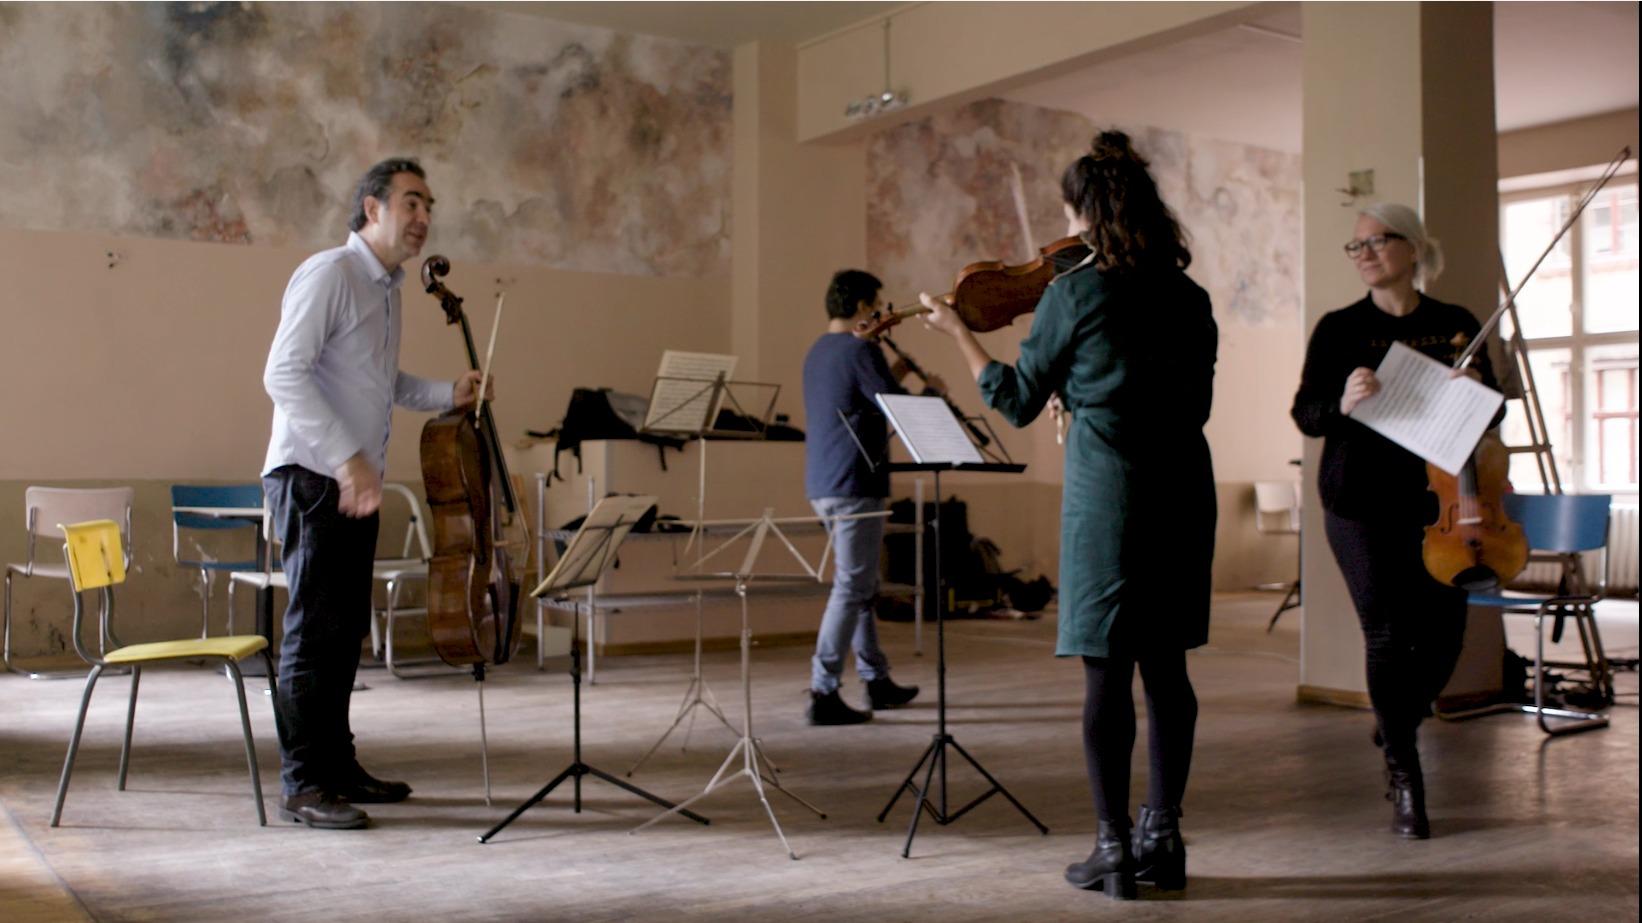 Nancy Sullivan und Mikayel Hakhnazaryan vom Münchener Kammerorchester spielen Kammermusik mit befreundeten Musikern in einer stillgelegten Bar in Berlin